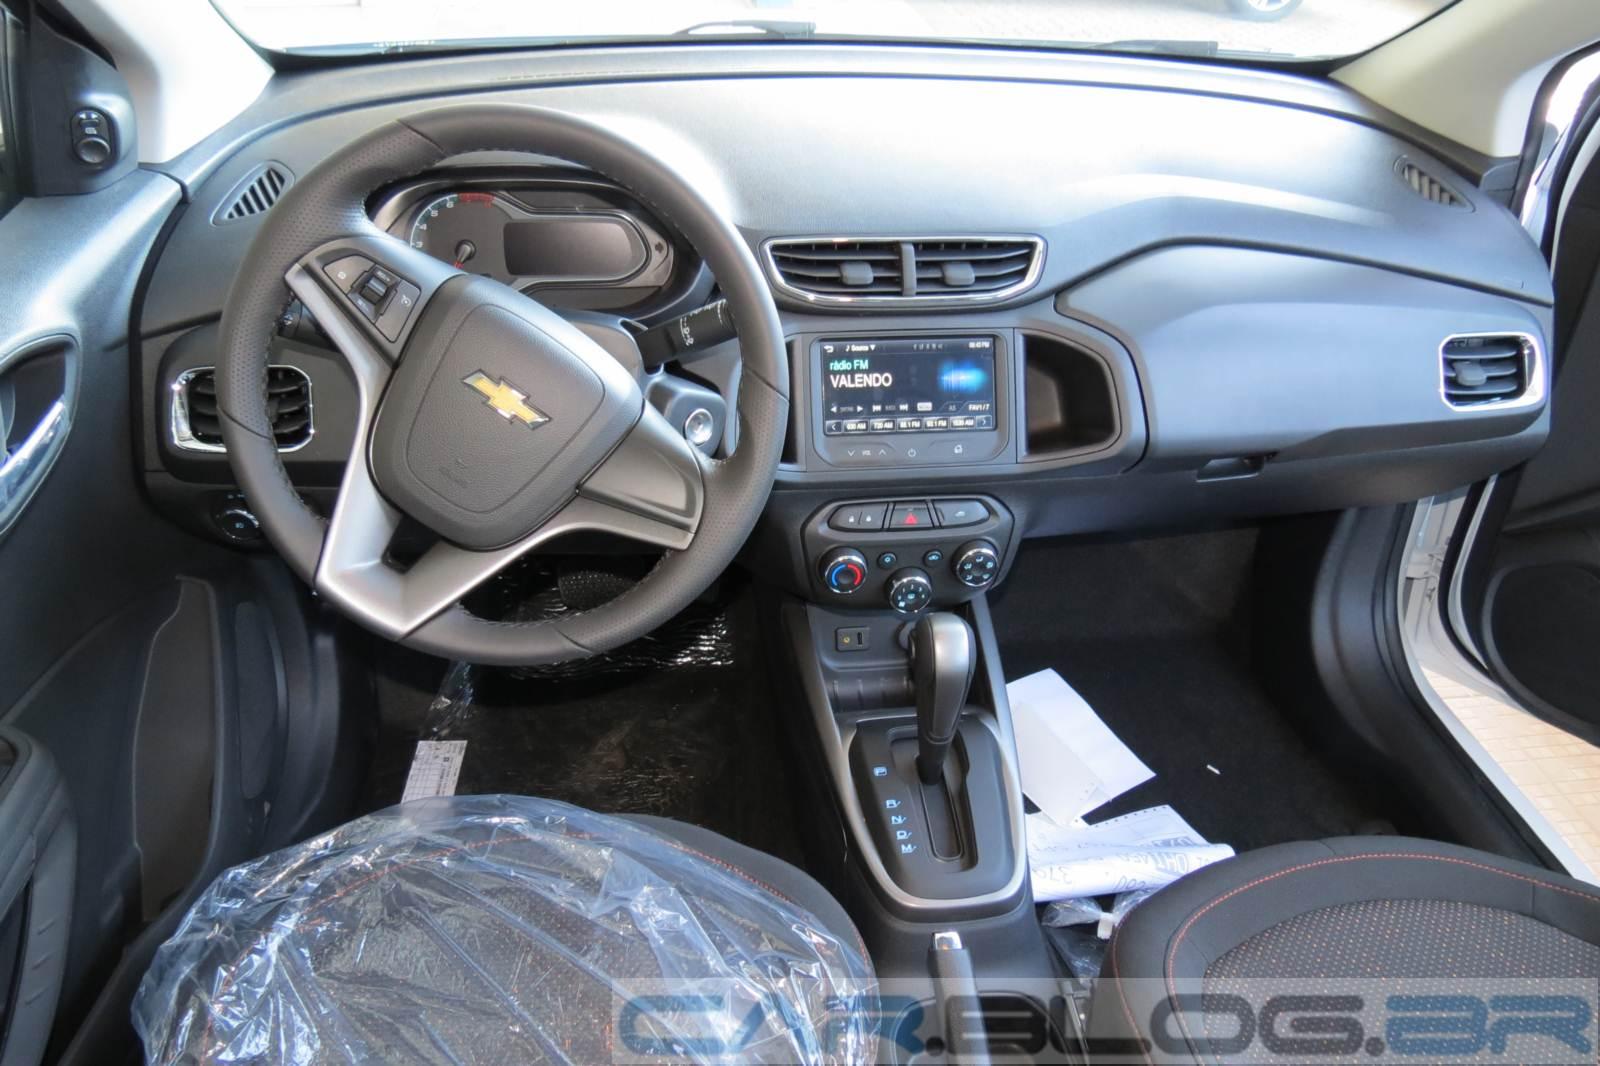 Chevrolet Onix 2015 - interior - painel